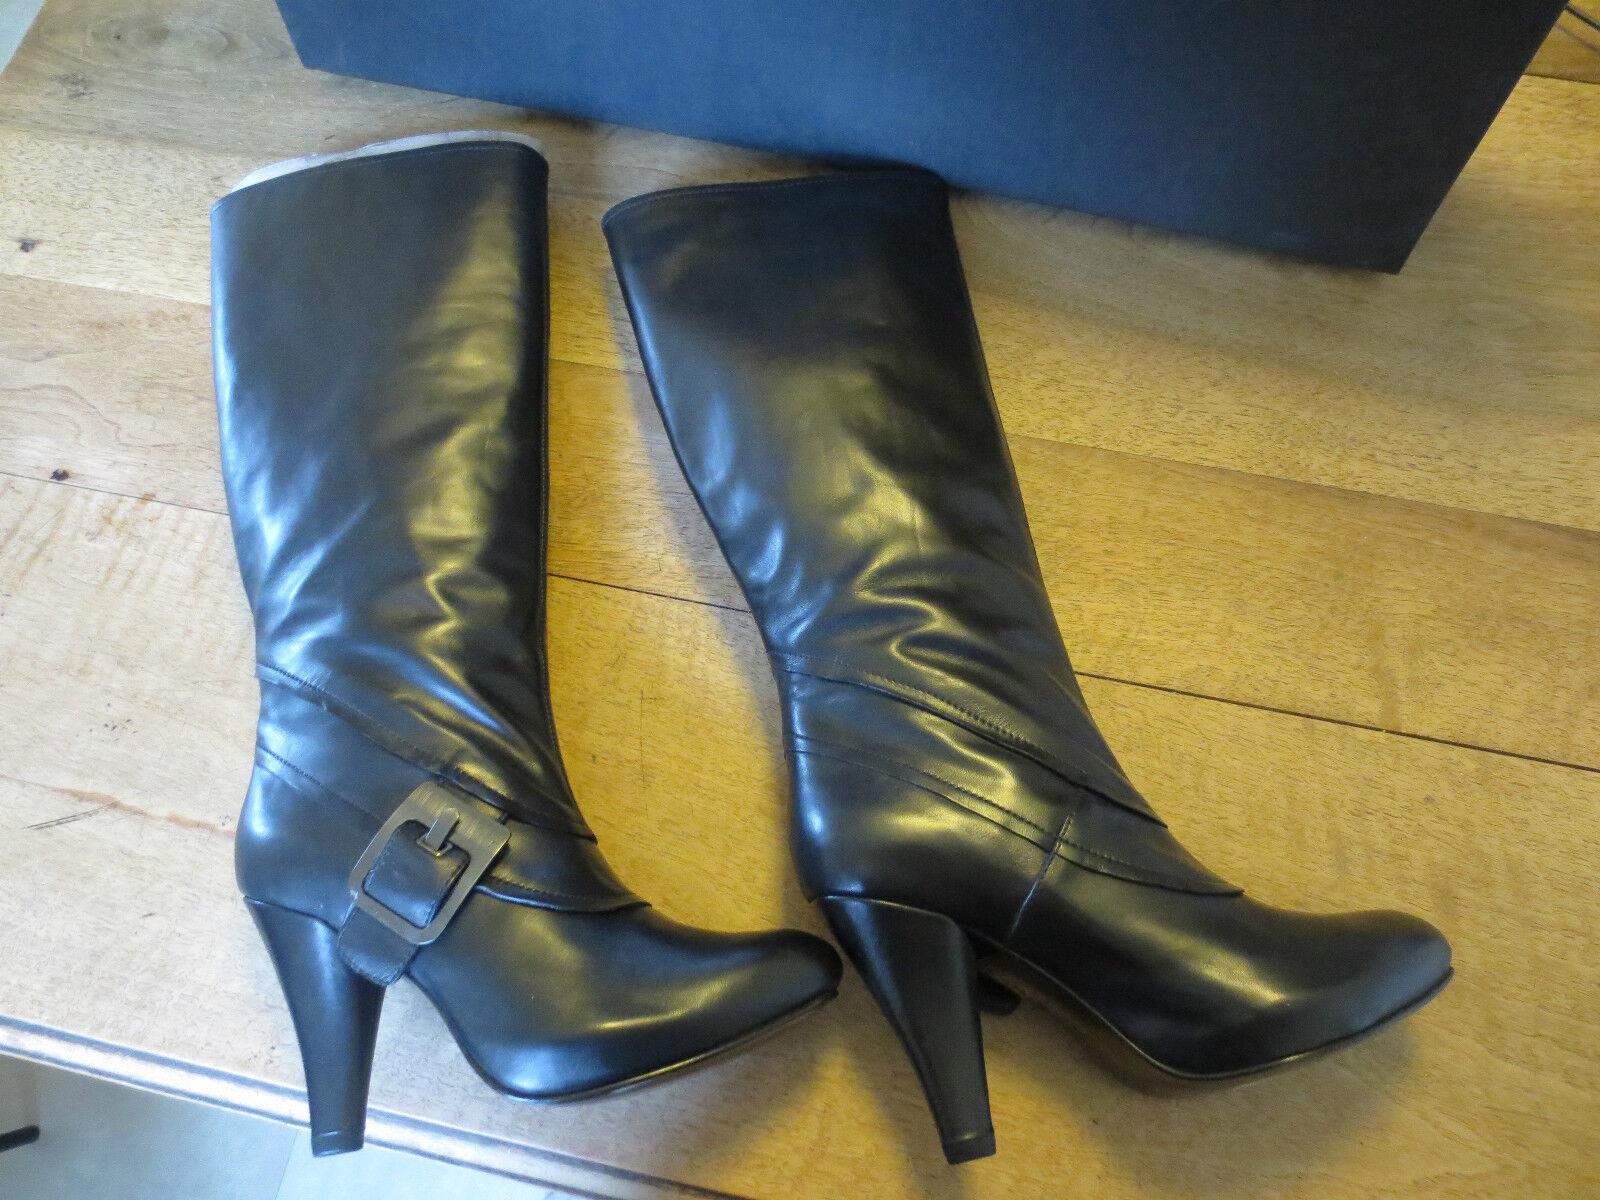 Mittelhoch Plattform Stiefel Stiefel Stiefel BARACHINI Kalb schwarz Absatz 9cm a01c77